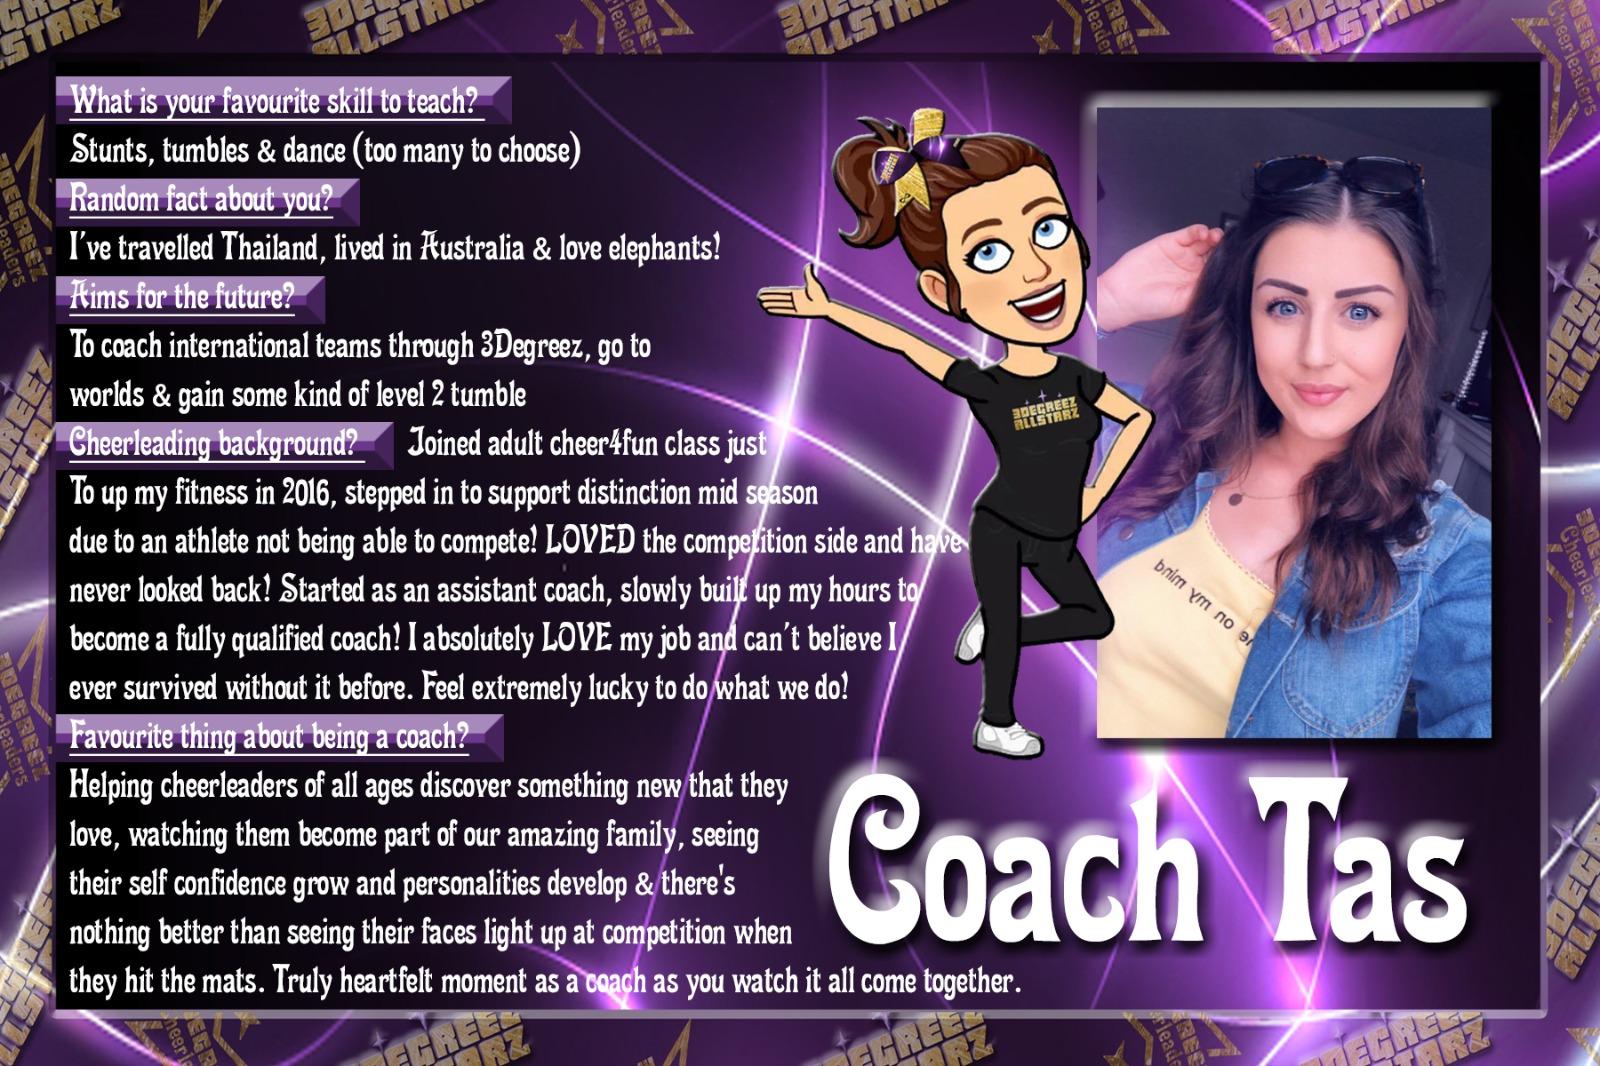 Coach Tas